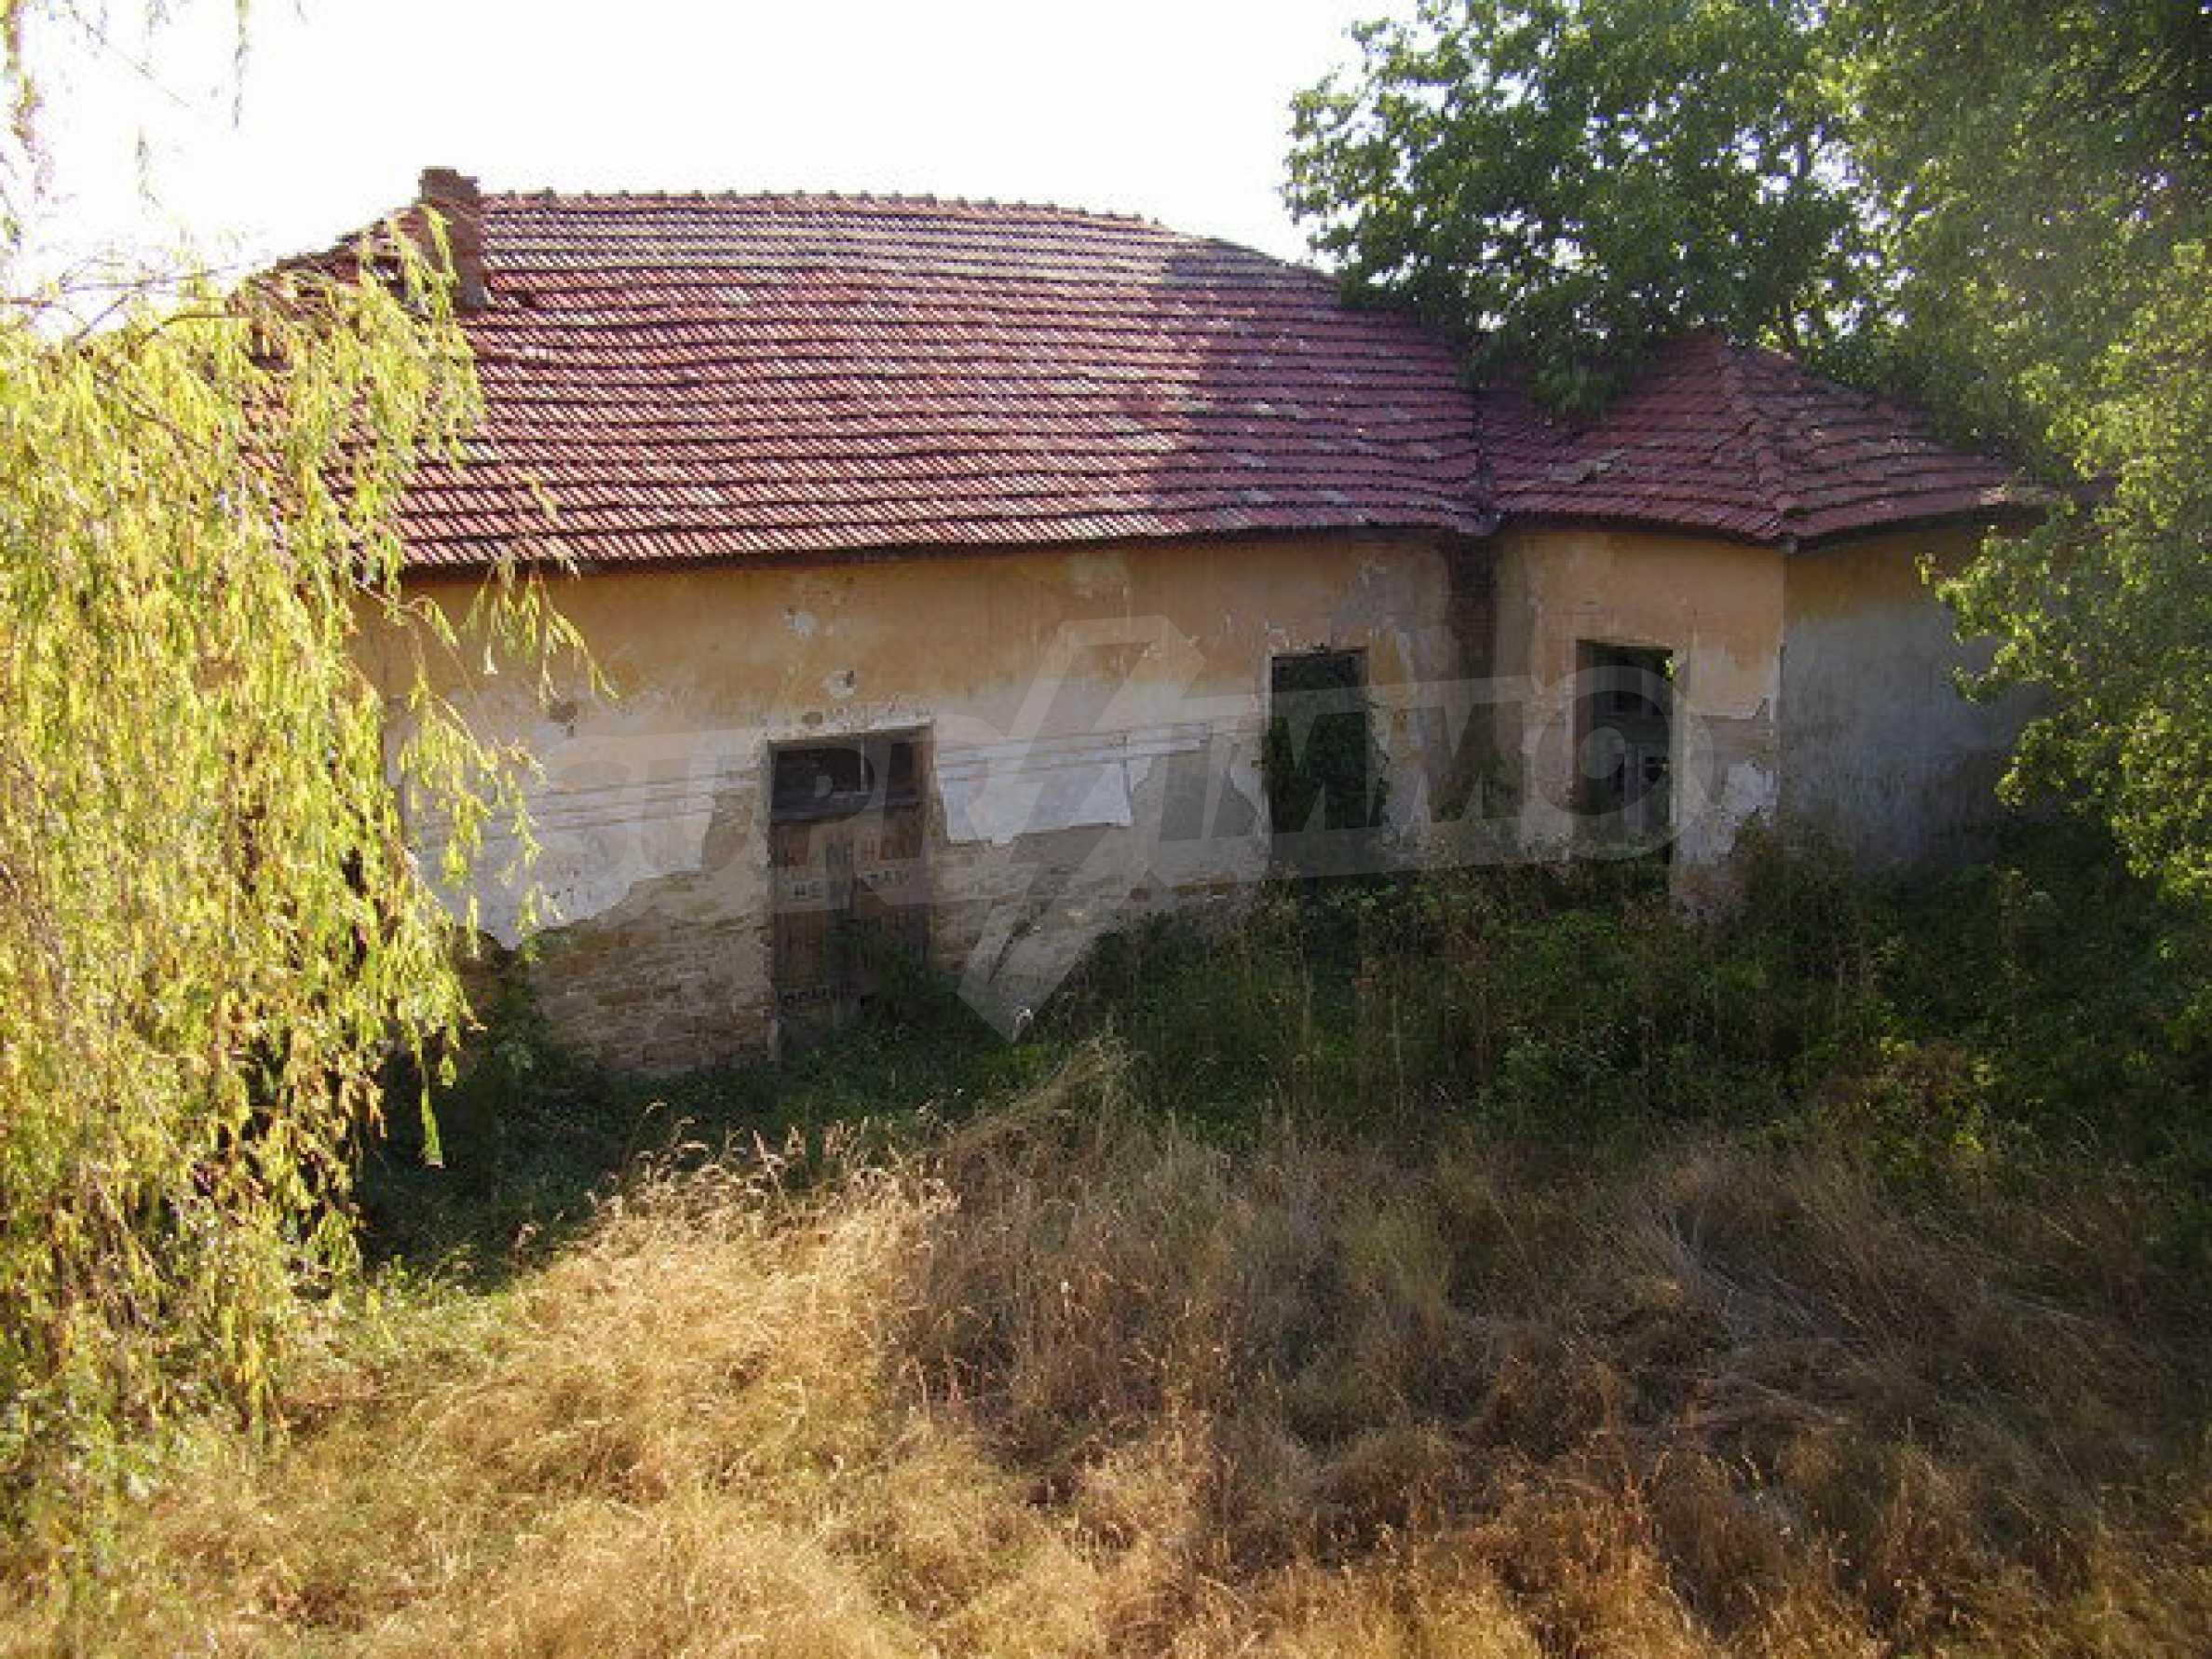 Ehemalige Schule mit Hof in einem kleinen Dorf neben dem schönen Trjawna 3